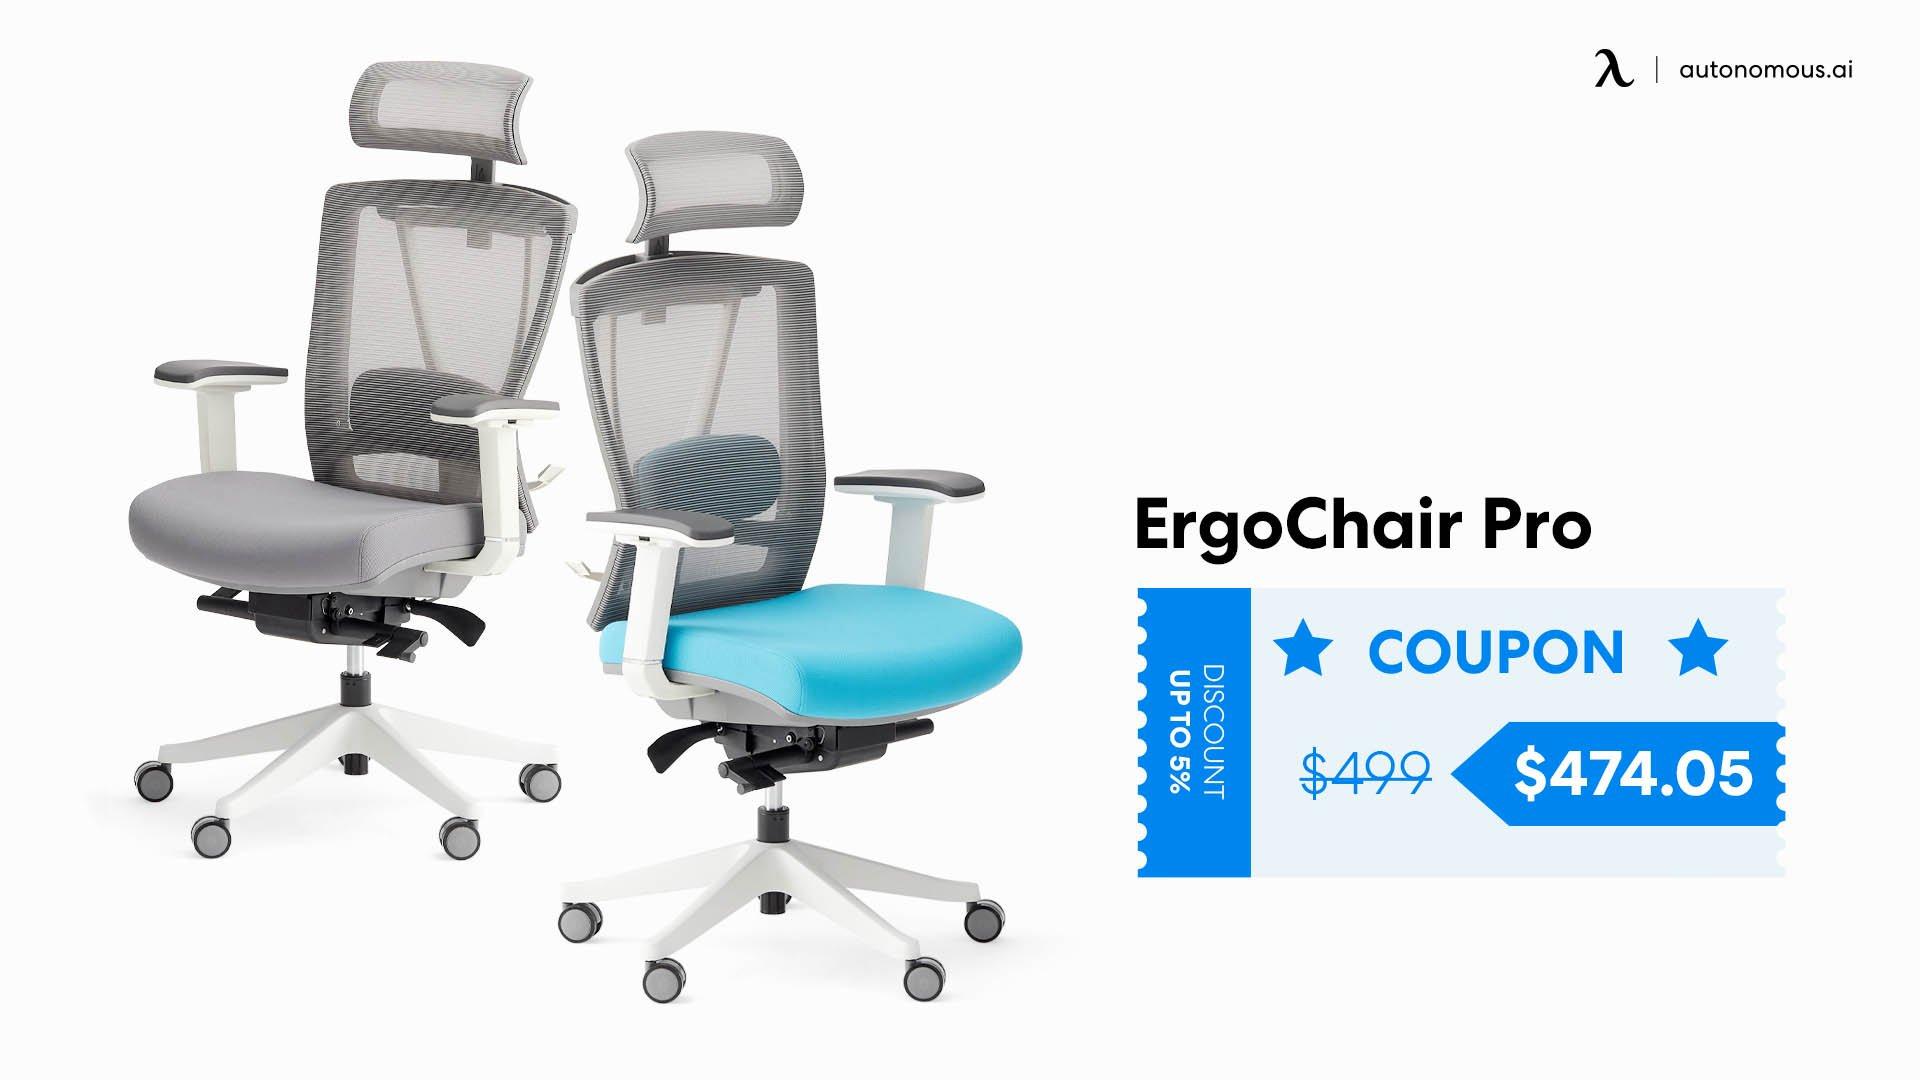 ErgoChair Pro